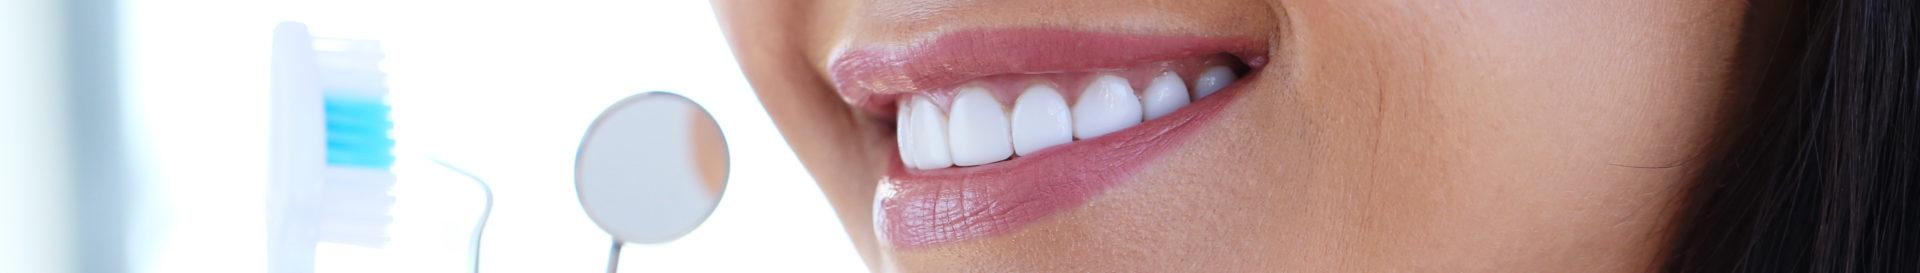 Praxis für Zahnheilkunde